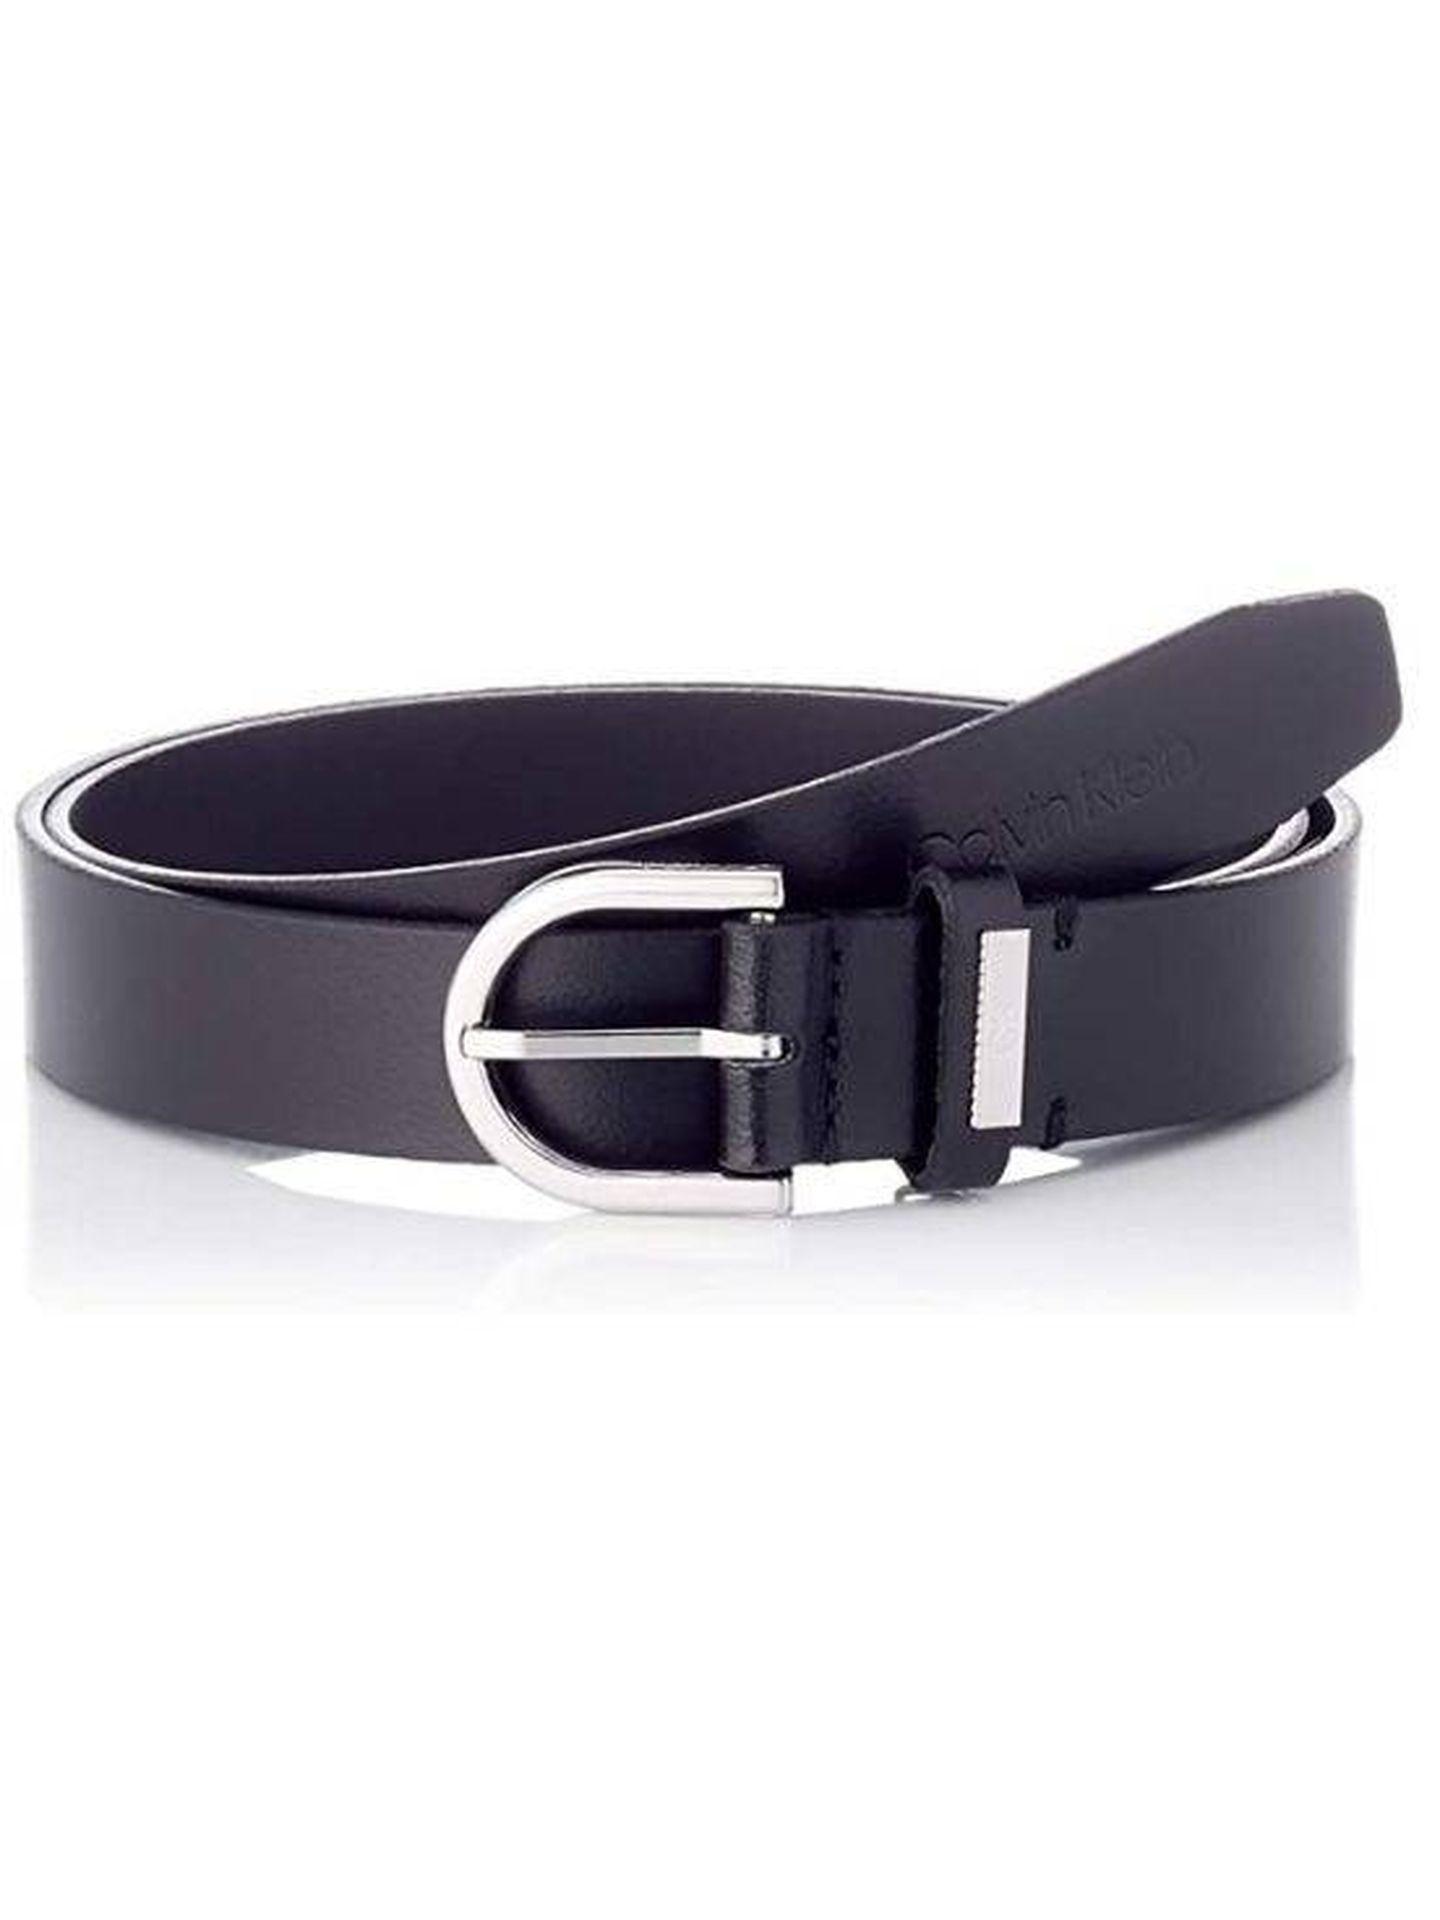 Cinturón de Calvin Klein. (Cortesía)